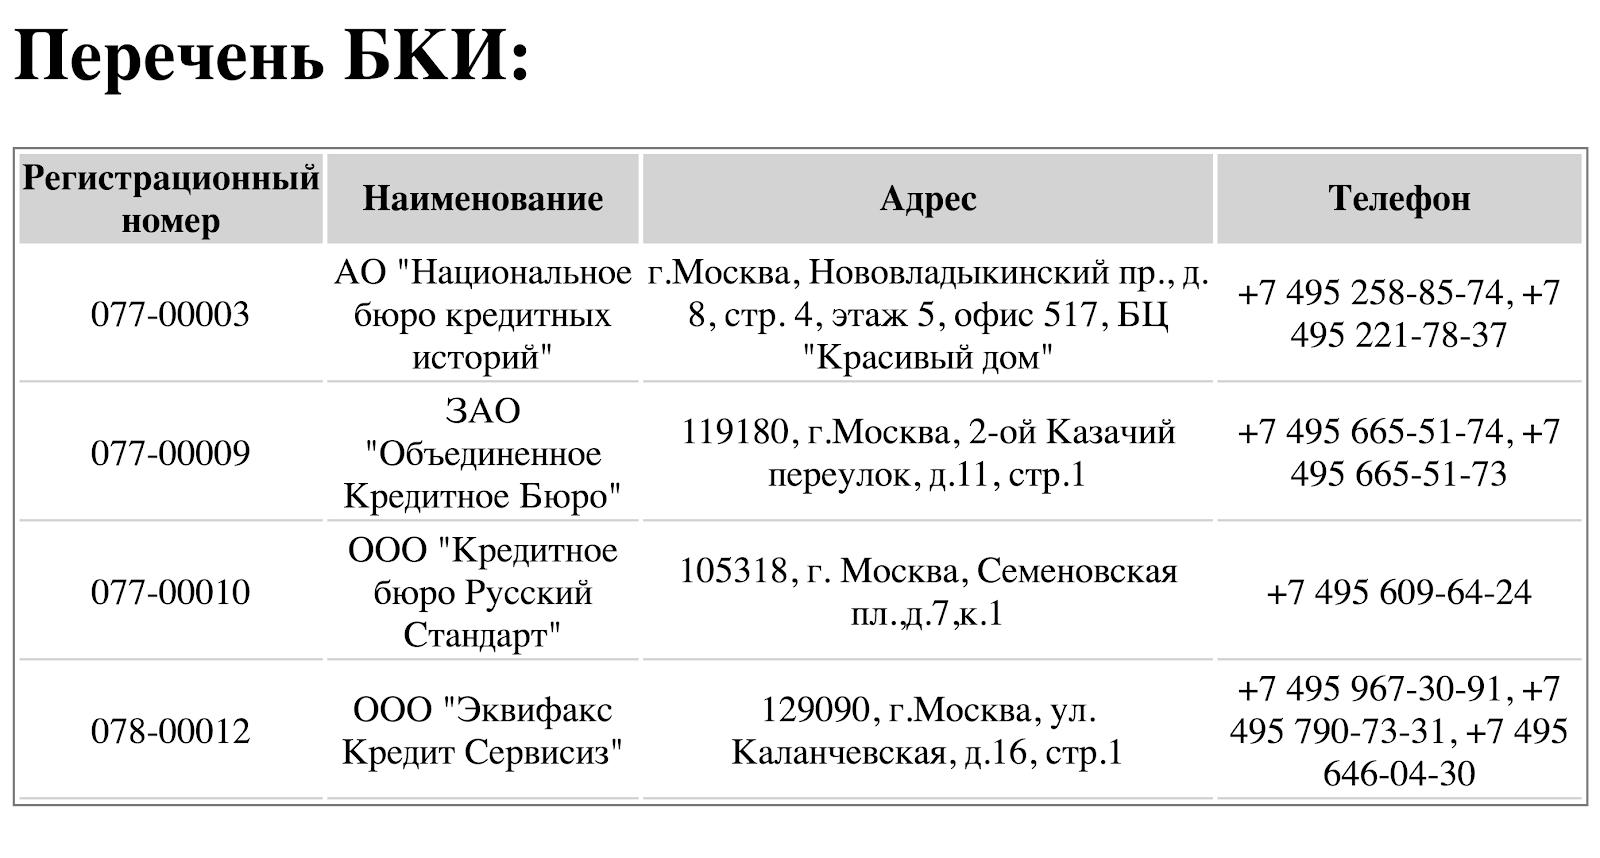 Так выглядит список бюро кредитных историй. Это не перечень ваших кредитов, а всего лишь названия и контакты бюро, в которых хранятся отчеты по заемщикам